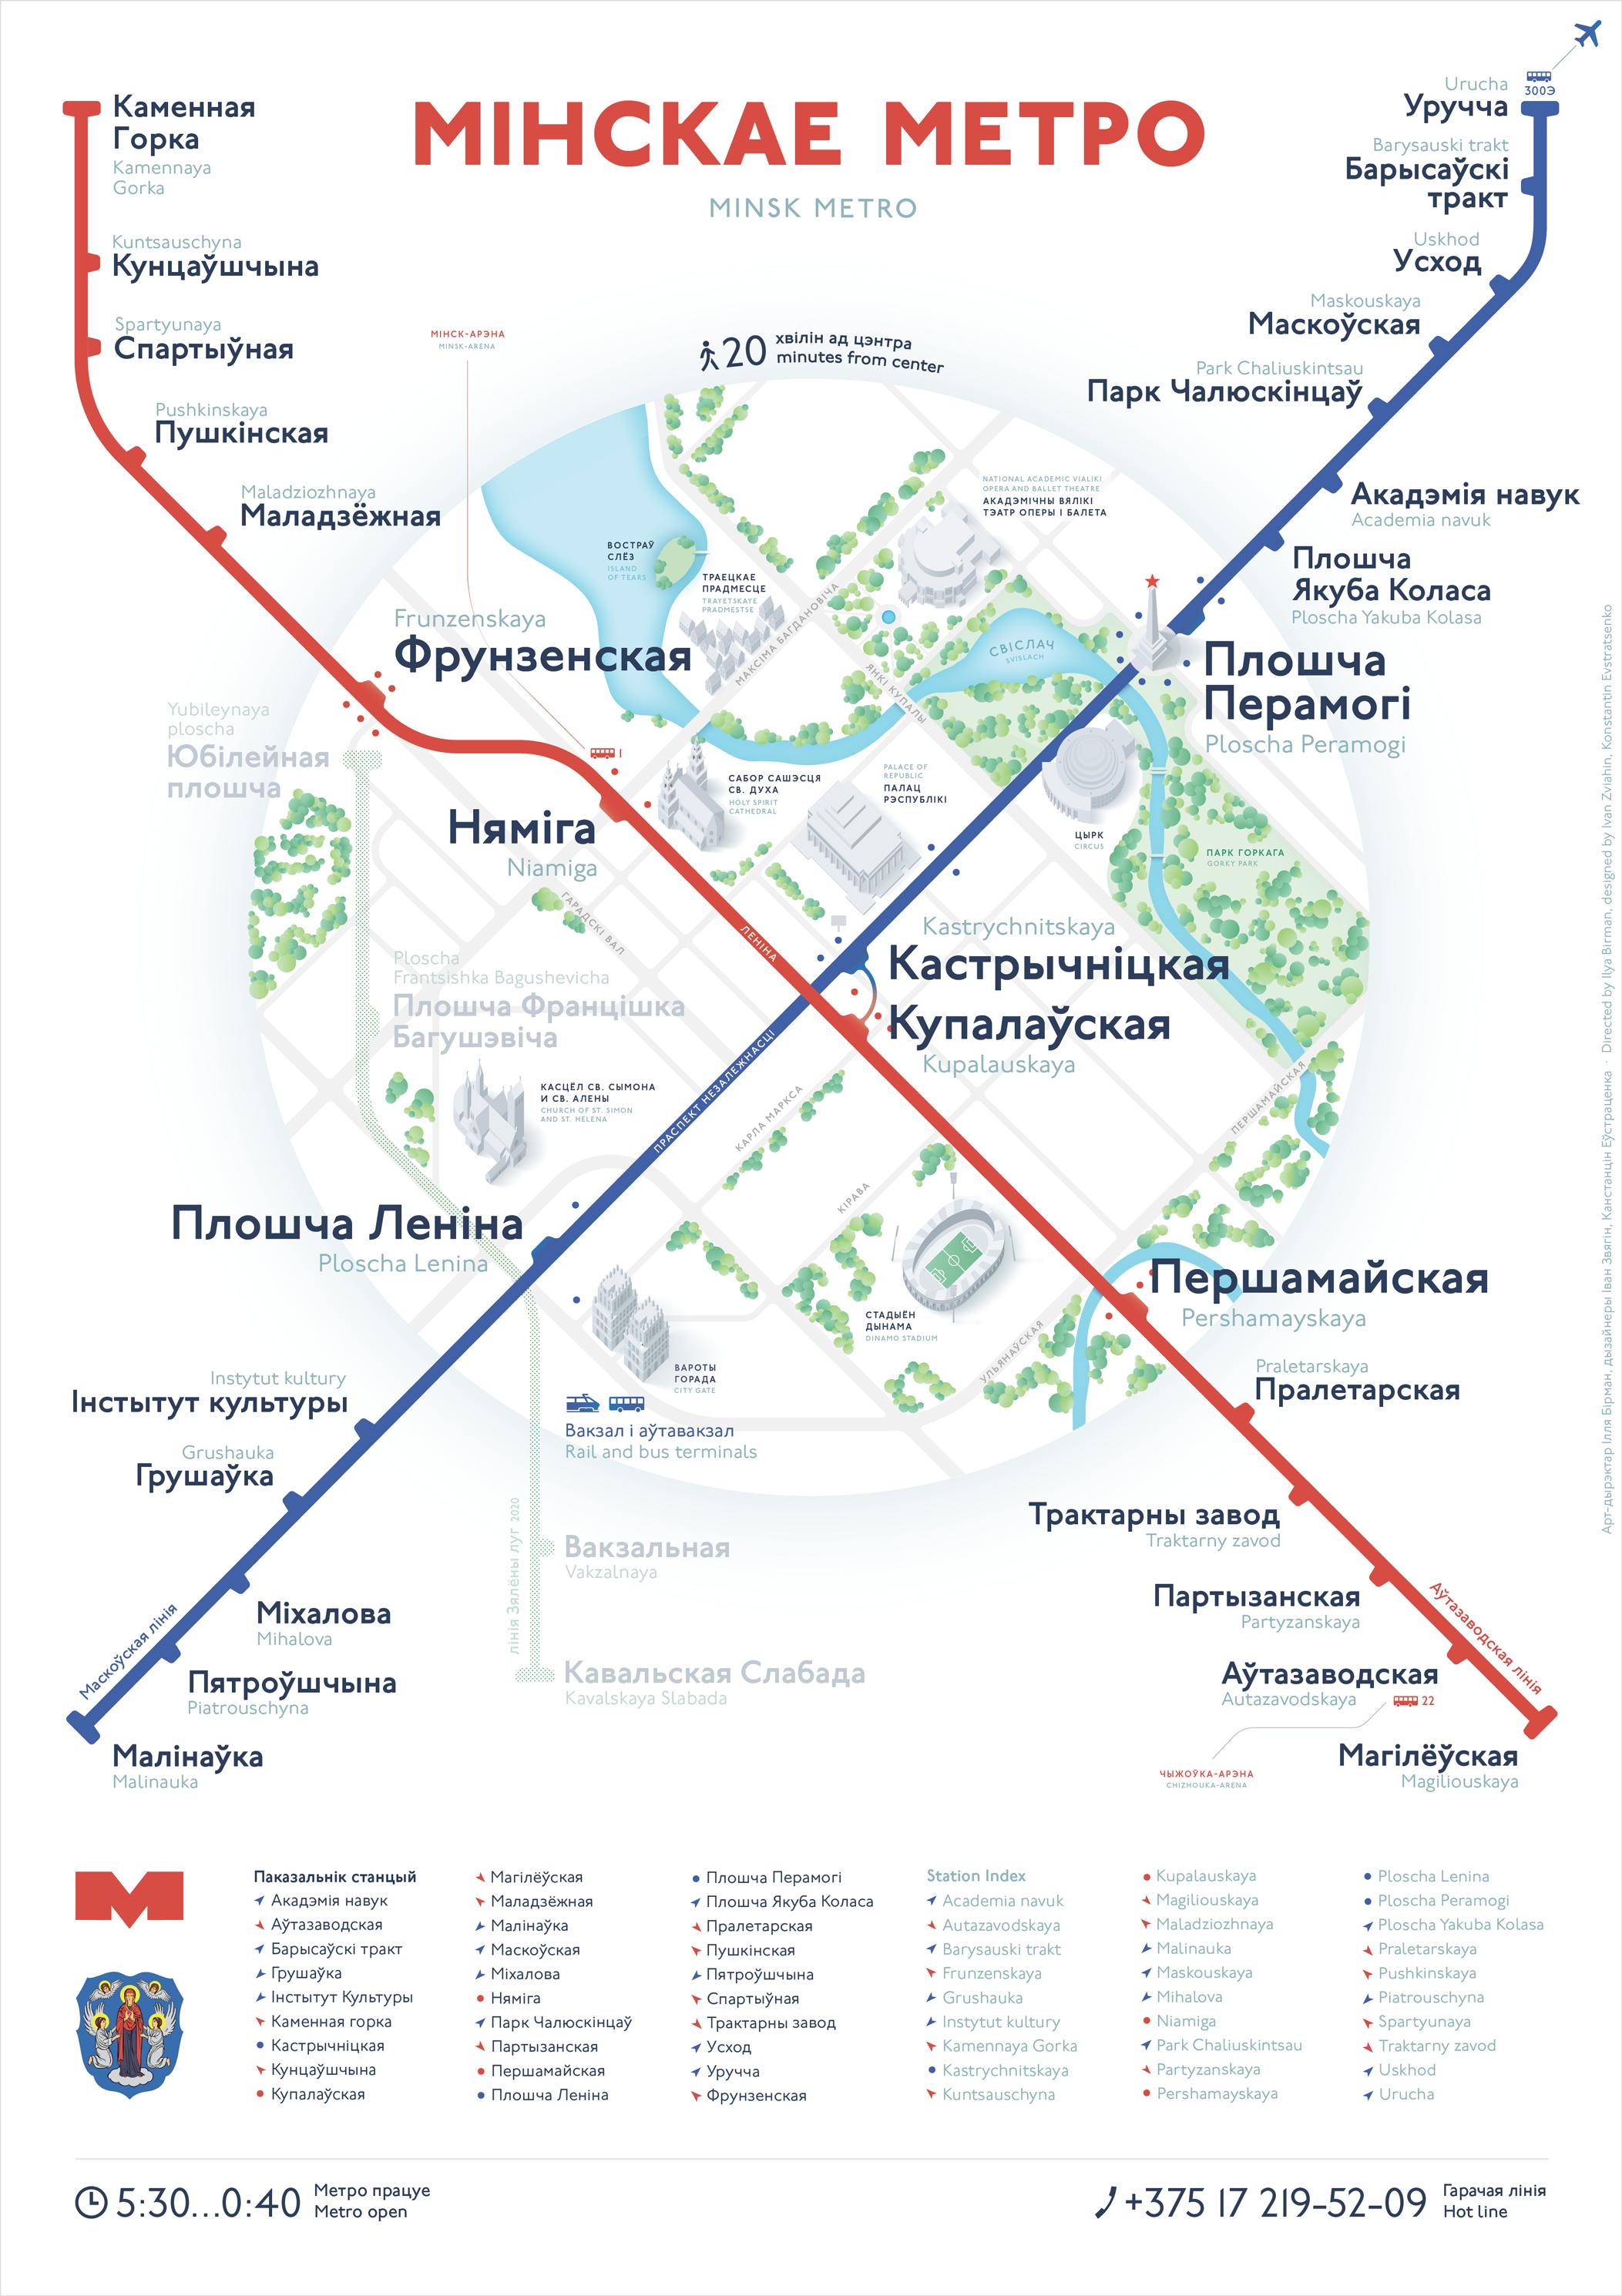 Интерактивныя схема метро